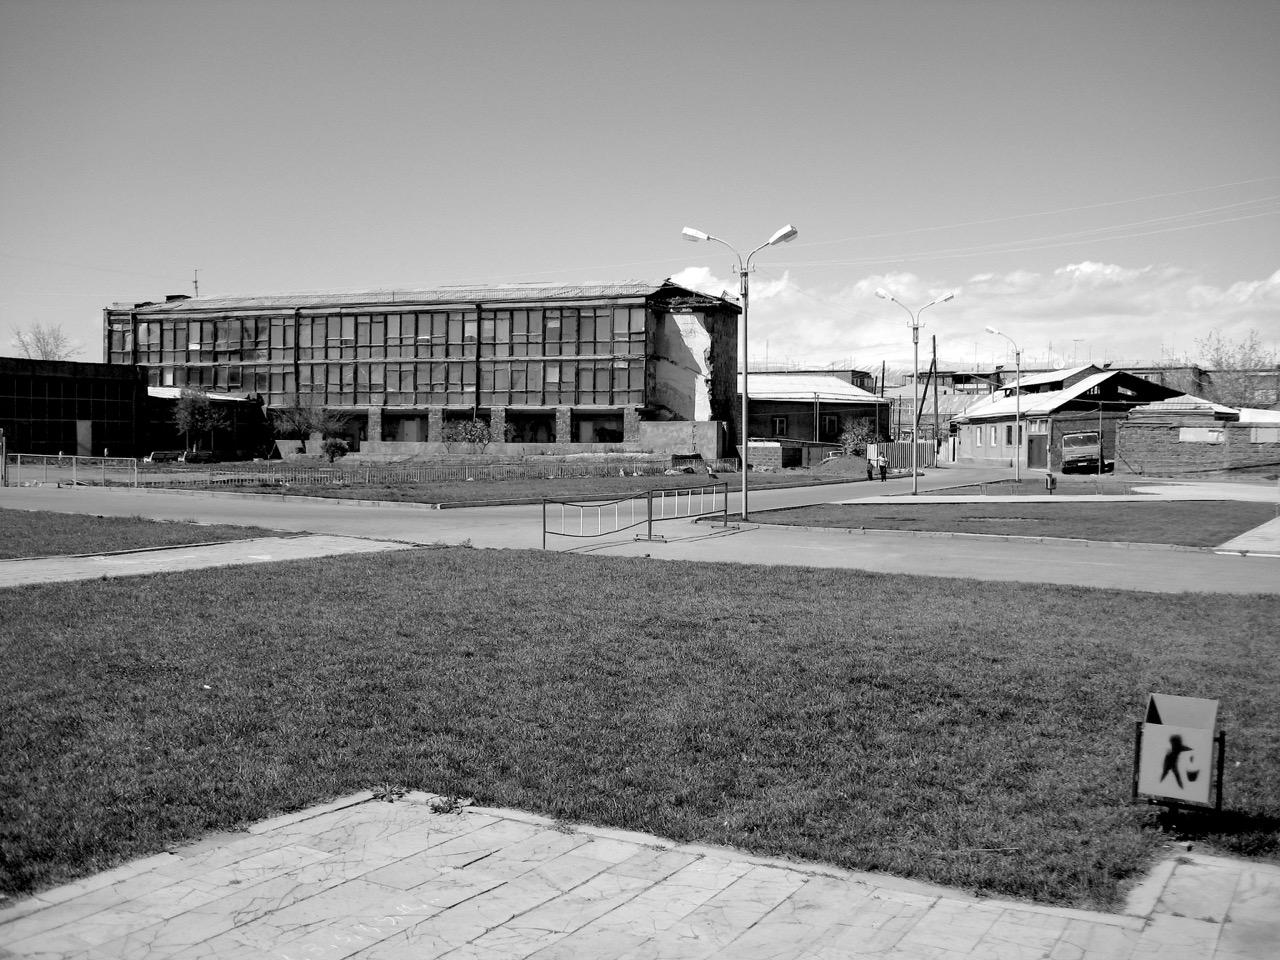 Foto: Spaziergang (Etschmiadsin). Aus: Eriwan. Kapitel 6 Aufzeichnungen aus Armenien von Marc Degens.